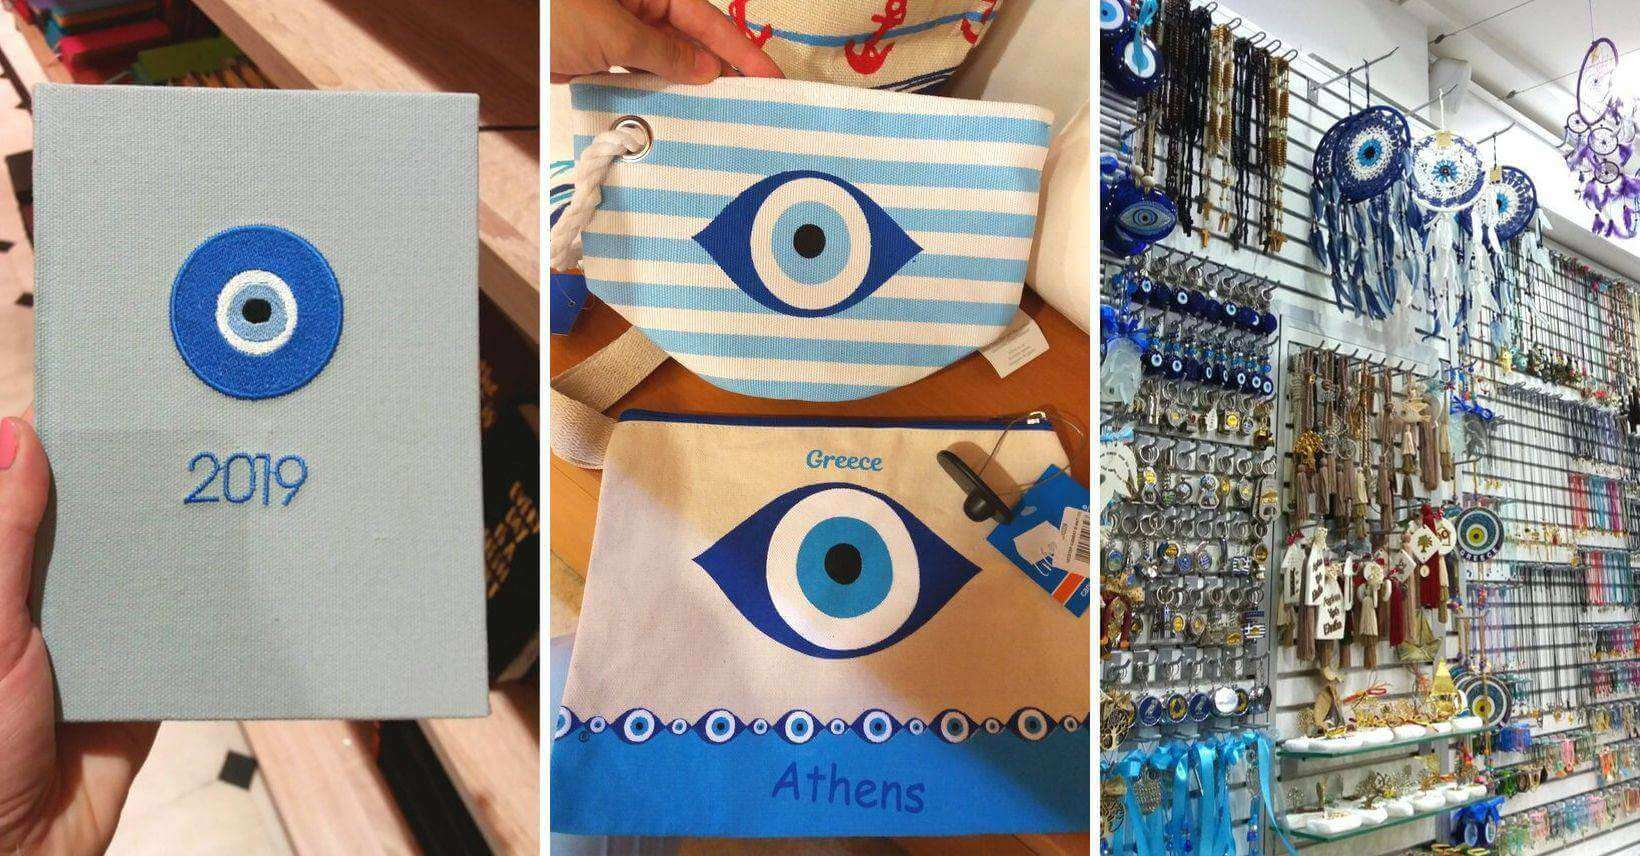 przedmioty z greckim okiem